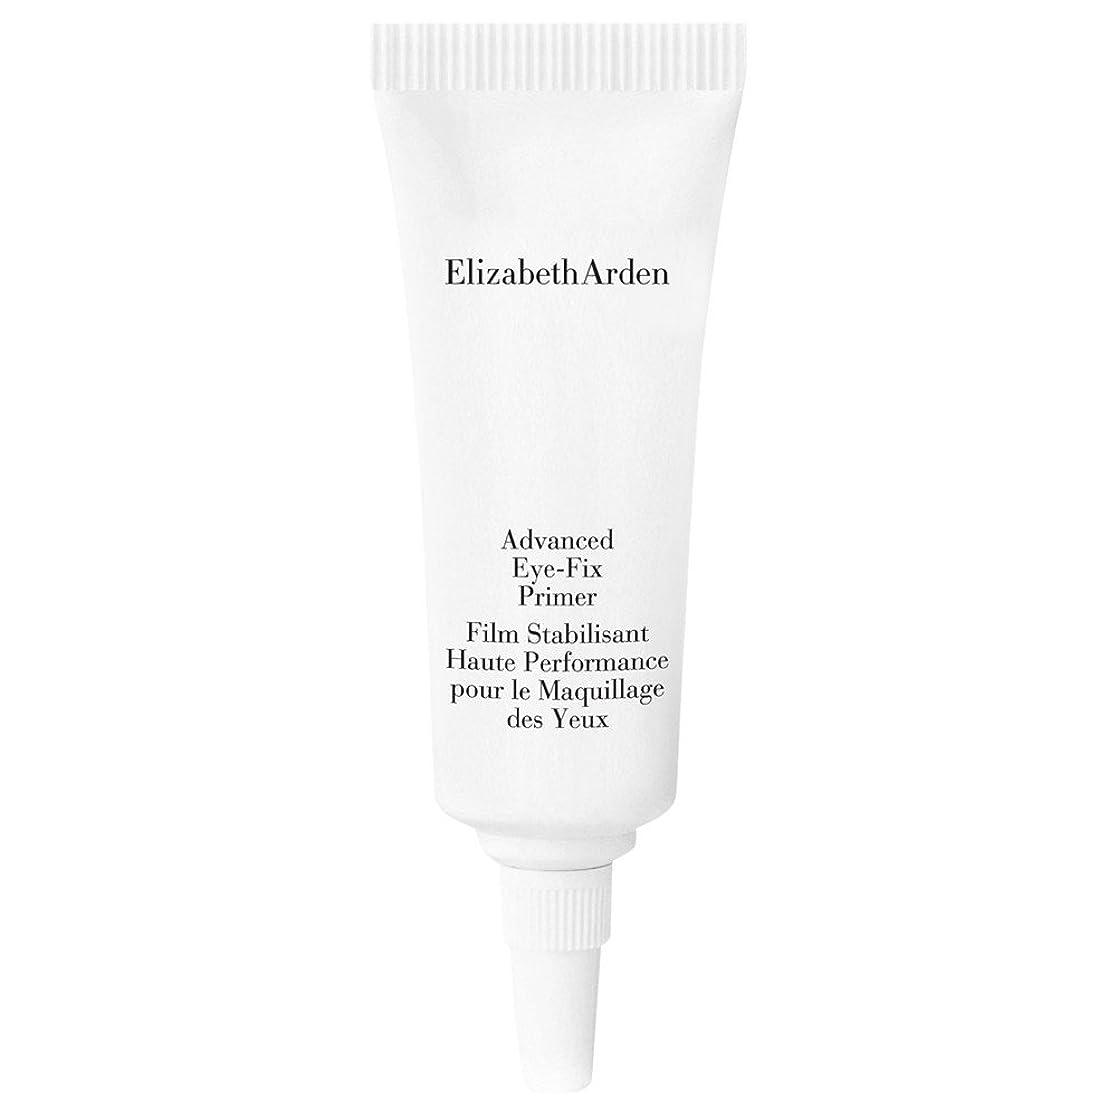 甘いボクシング作りElizabeth Arden Flawless Finish Sponge-On Cream Makeup Amber - エリザベスアーデン完璧な仕上げのクリームメイクアンバースポンジオン [並行輸入品]